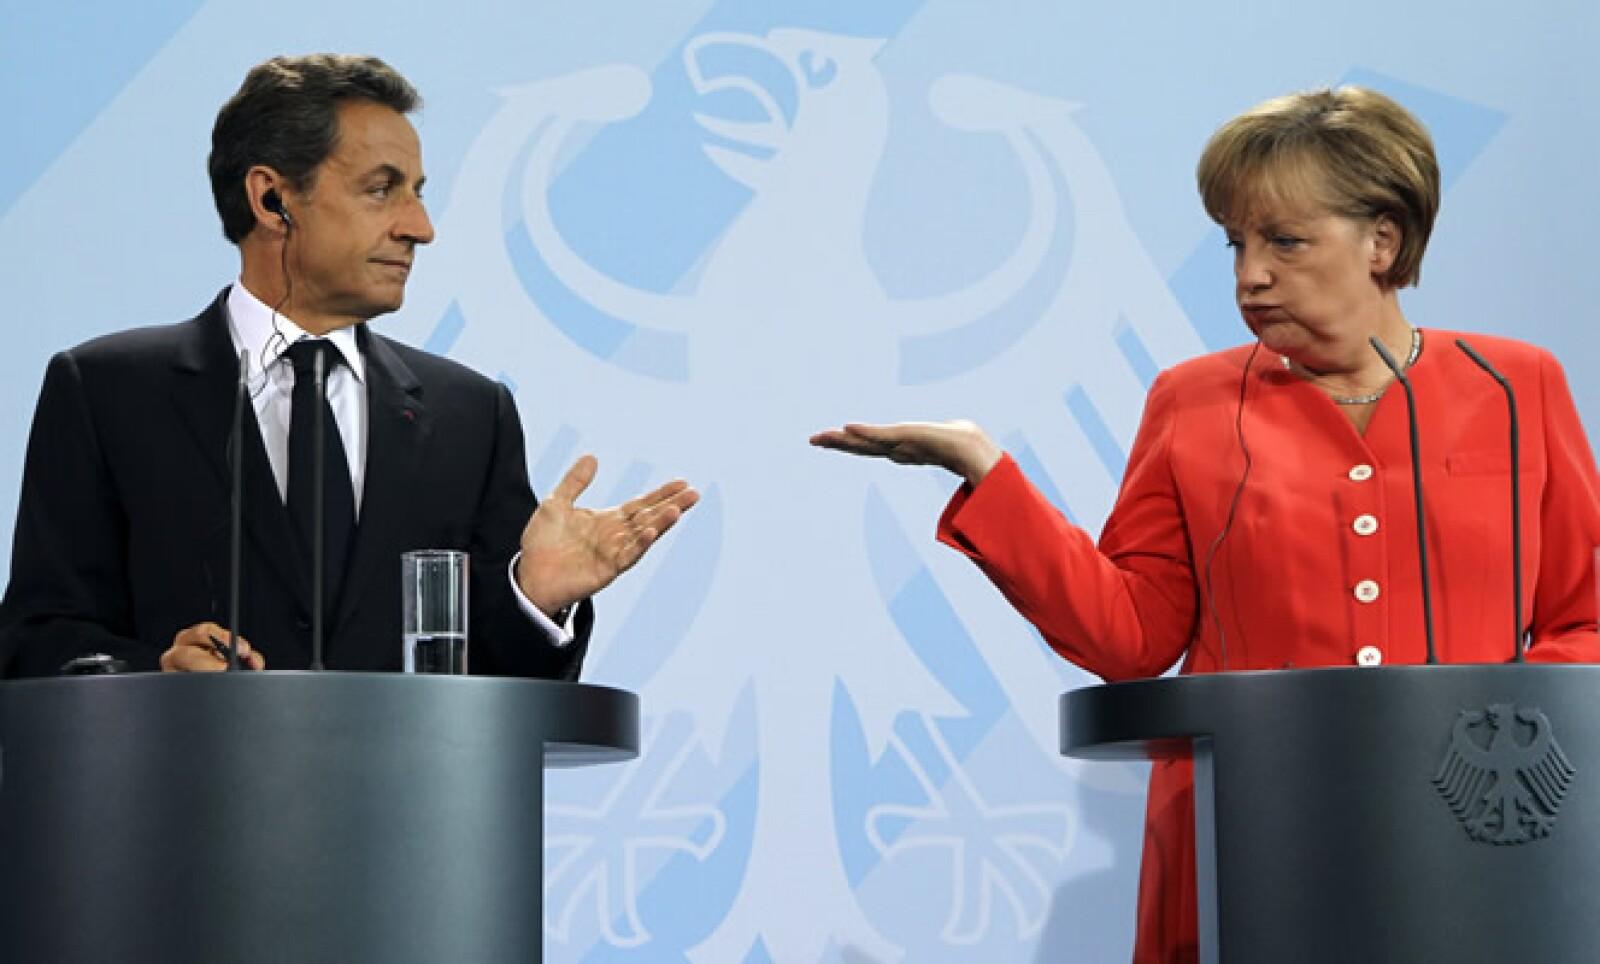 Angela Merkel, canciller alemana, y Nicolas Sarkozy, presidente de Francia, durante una de sus discusiones sobre el futuro económico de sus países y la zona del euro.